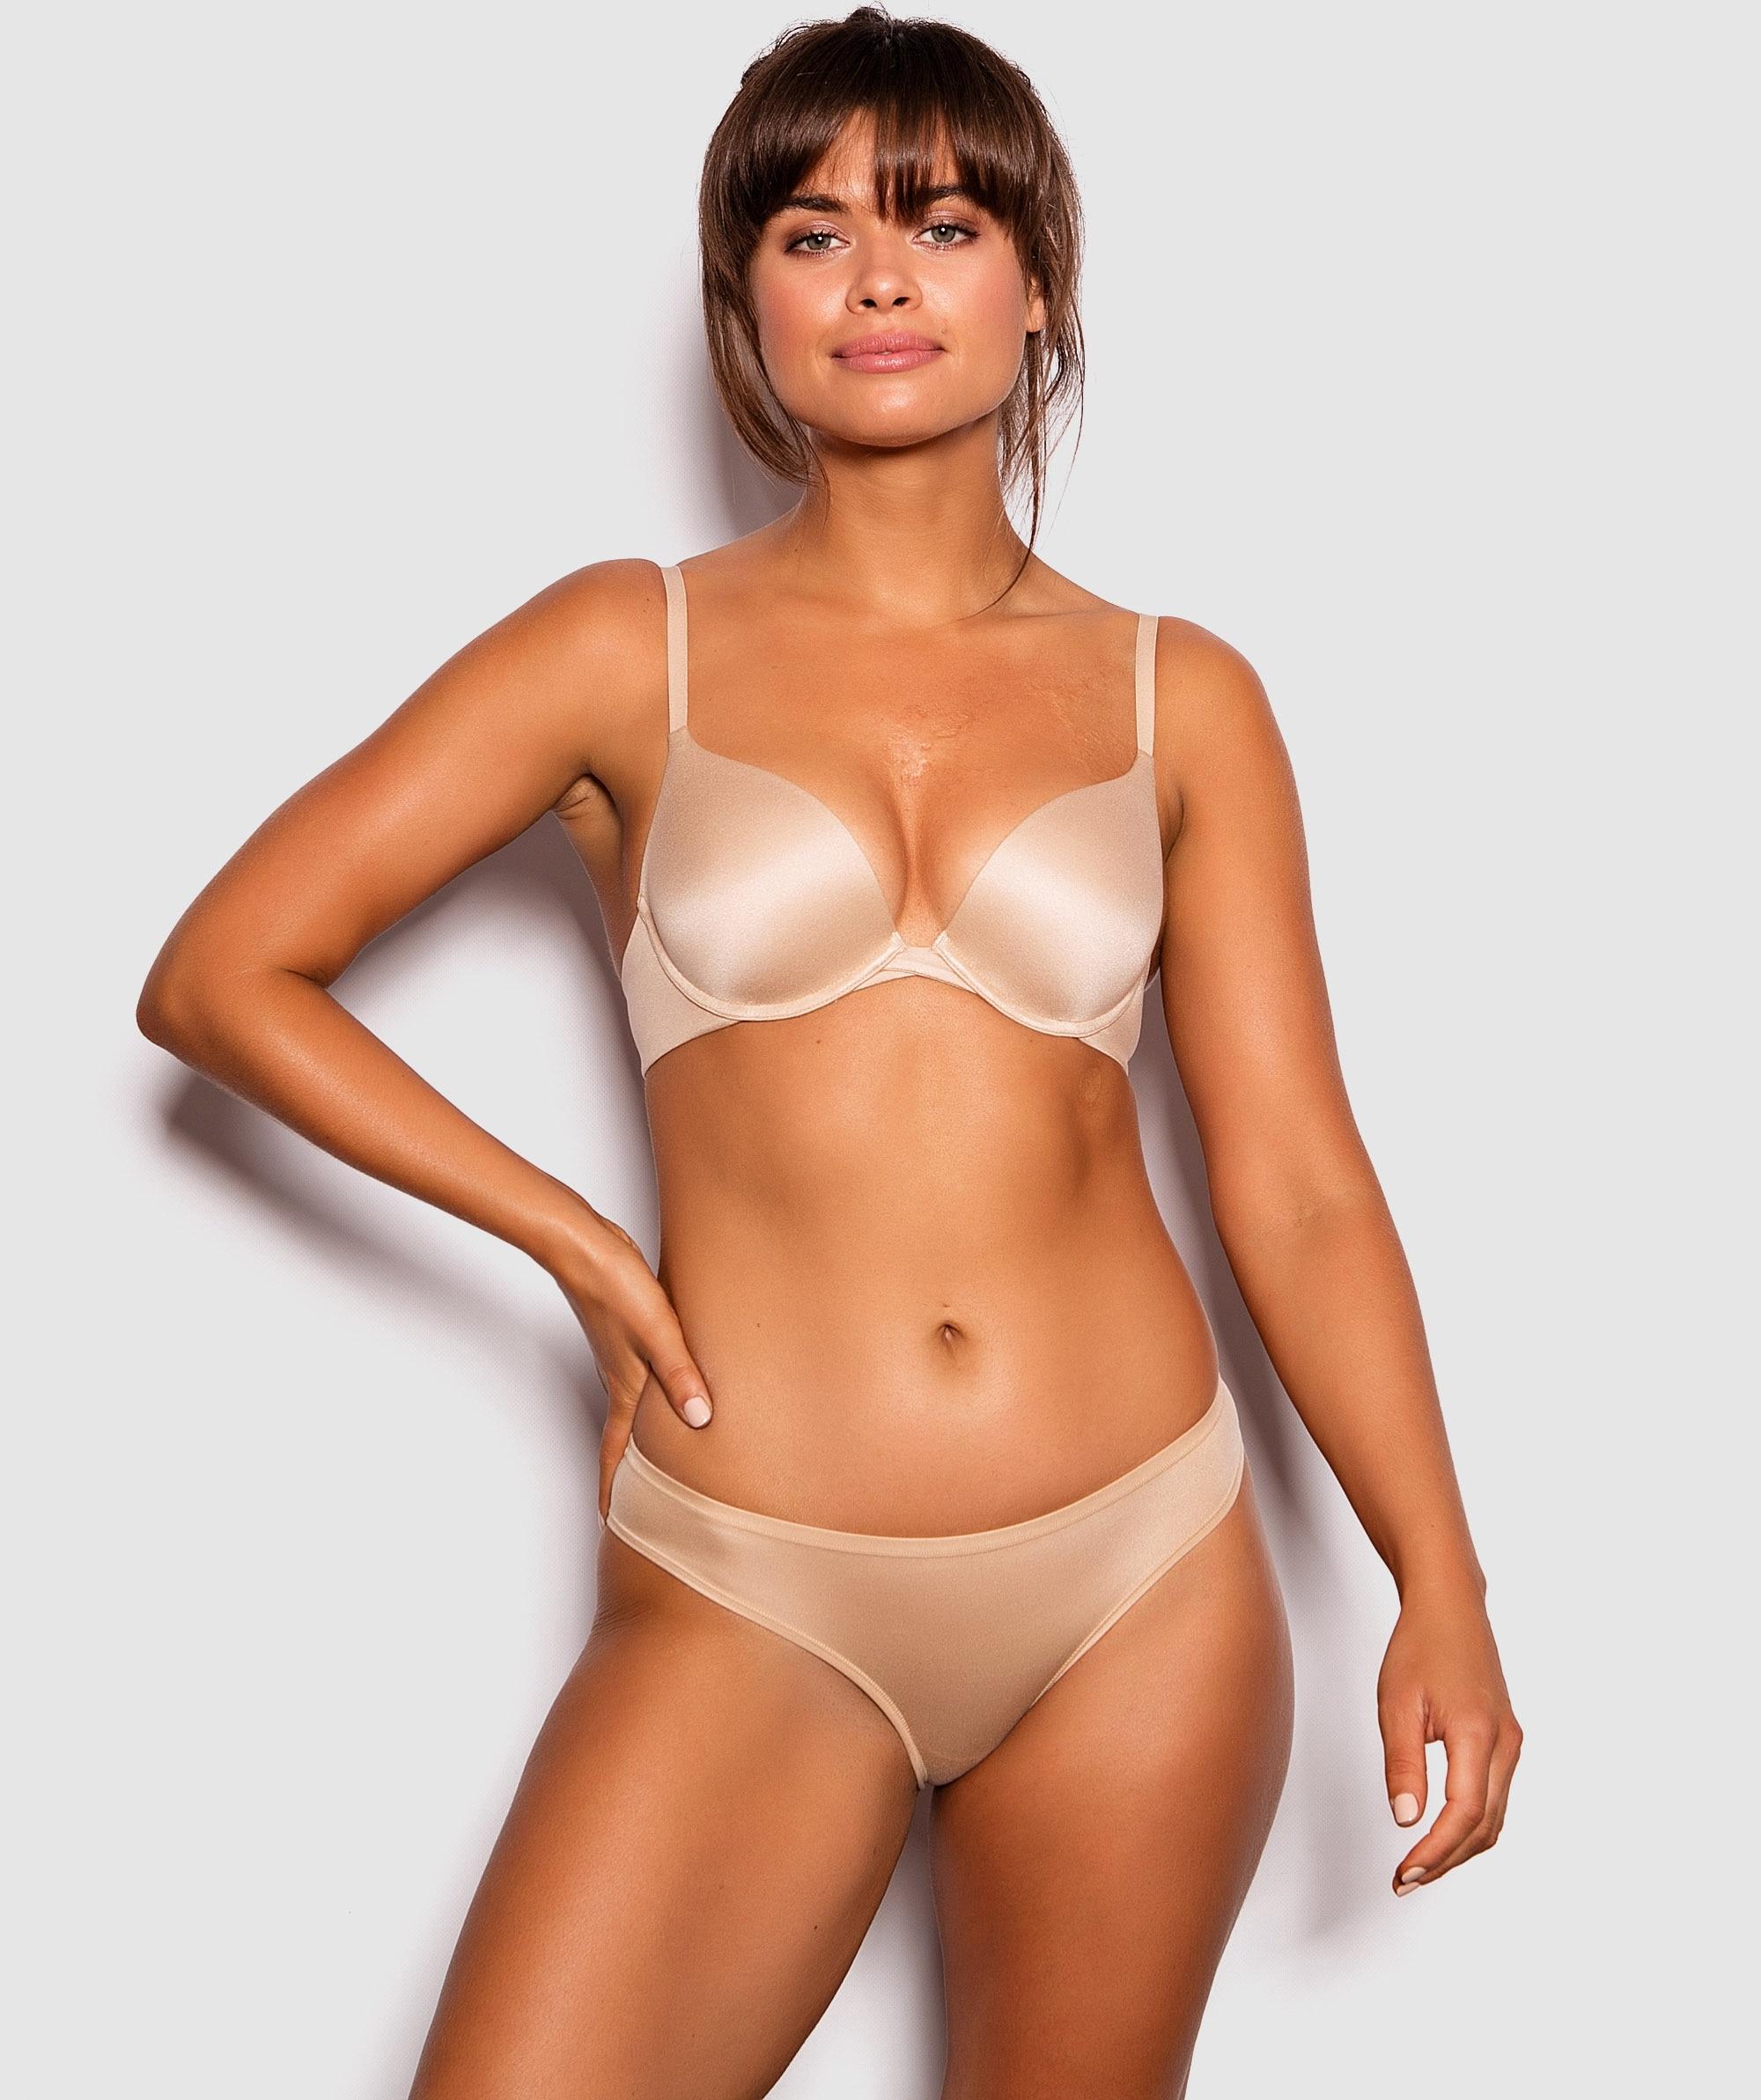 Body Bliss 2nd Gen Push Up Bra - Nude